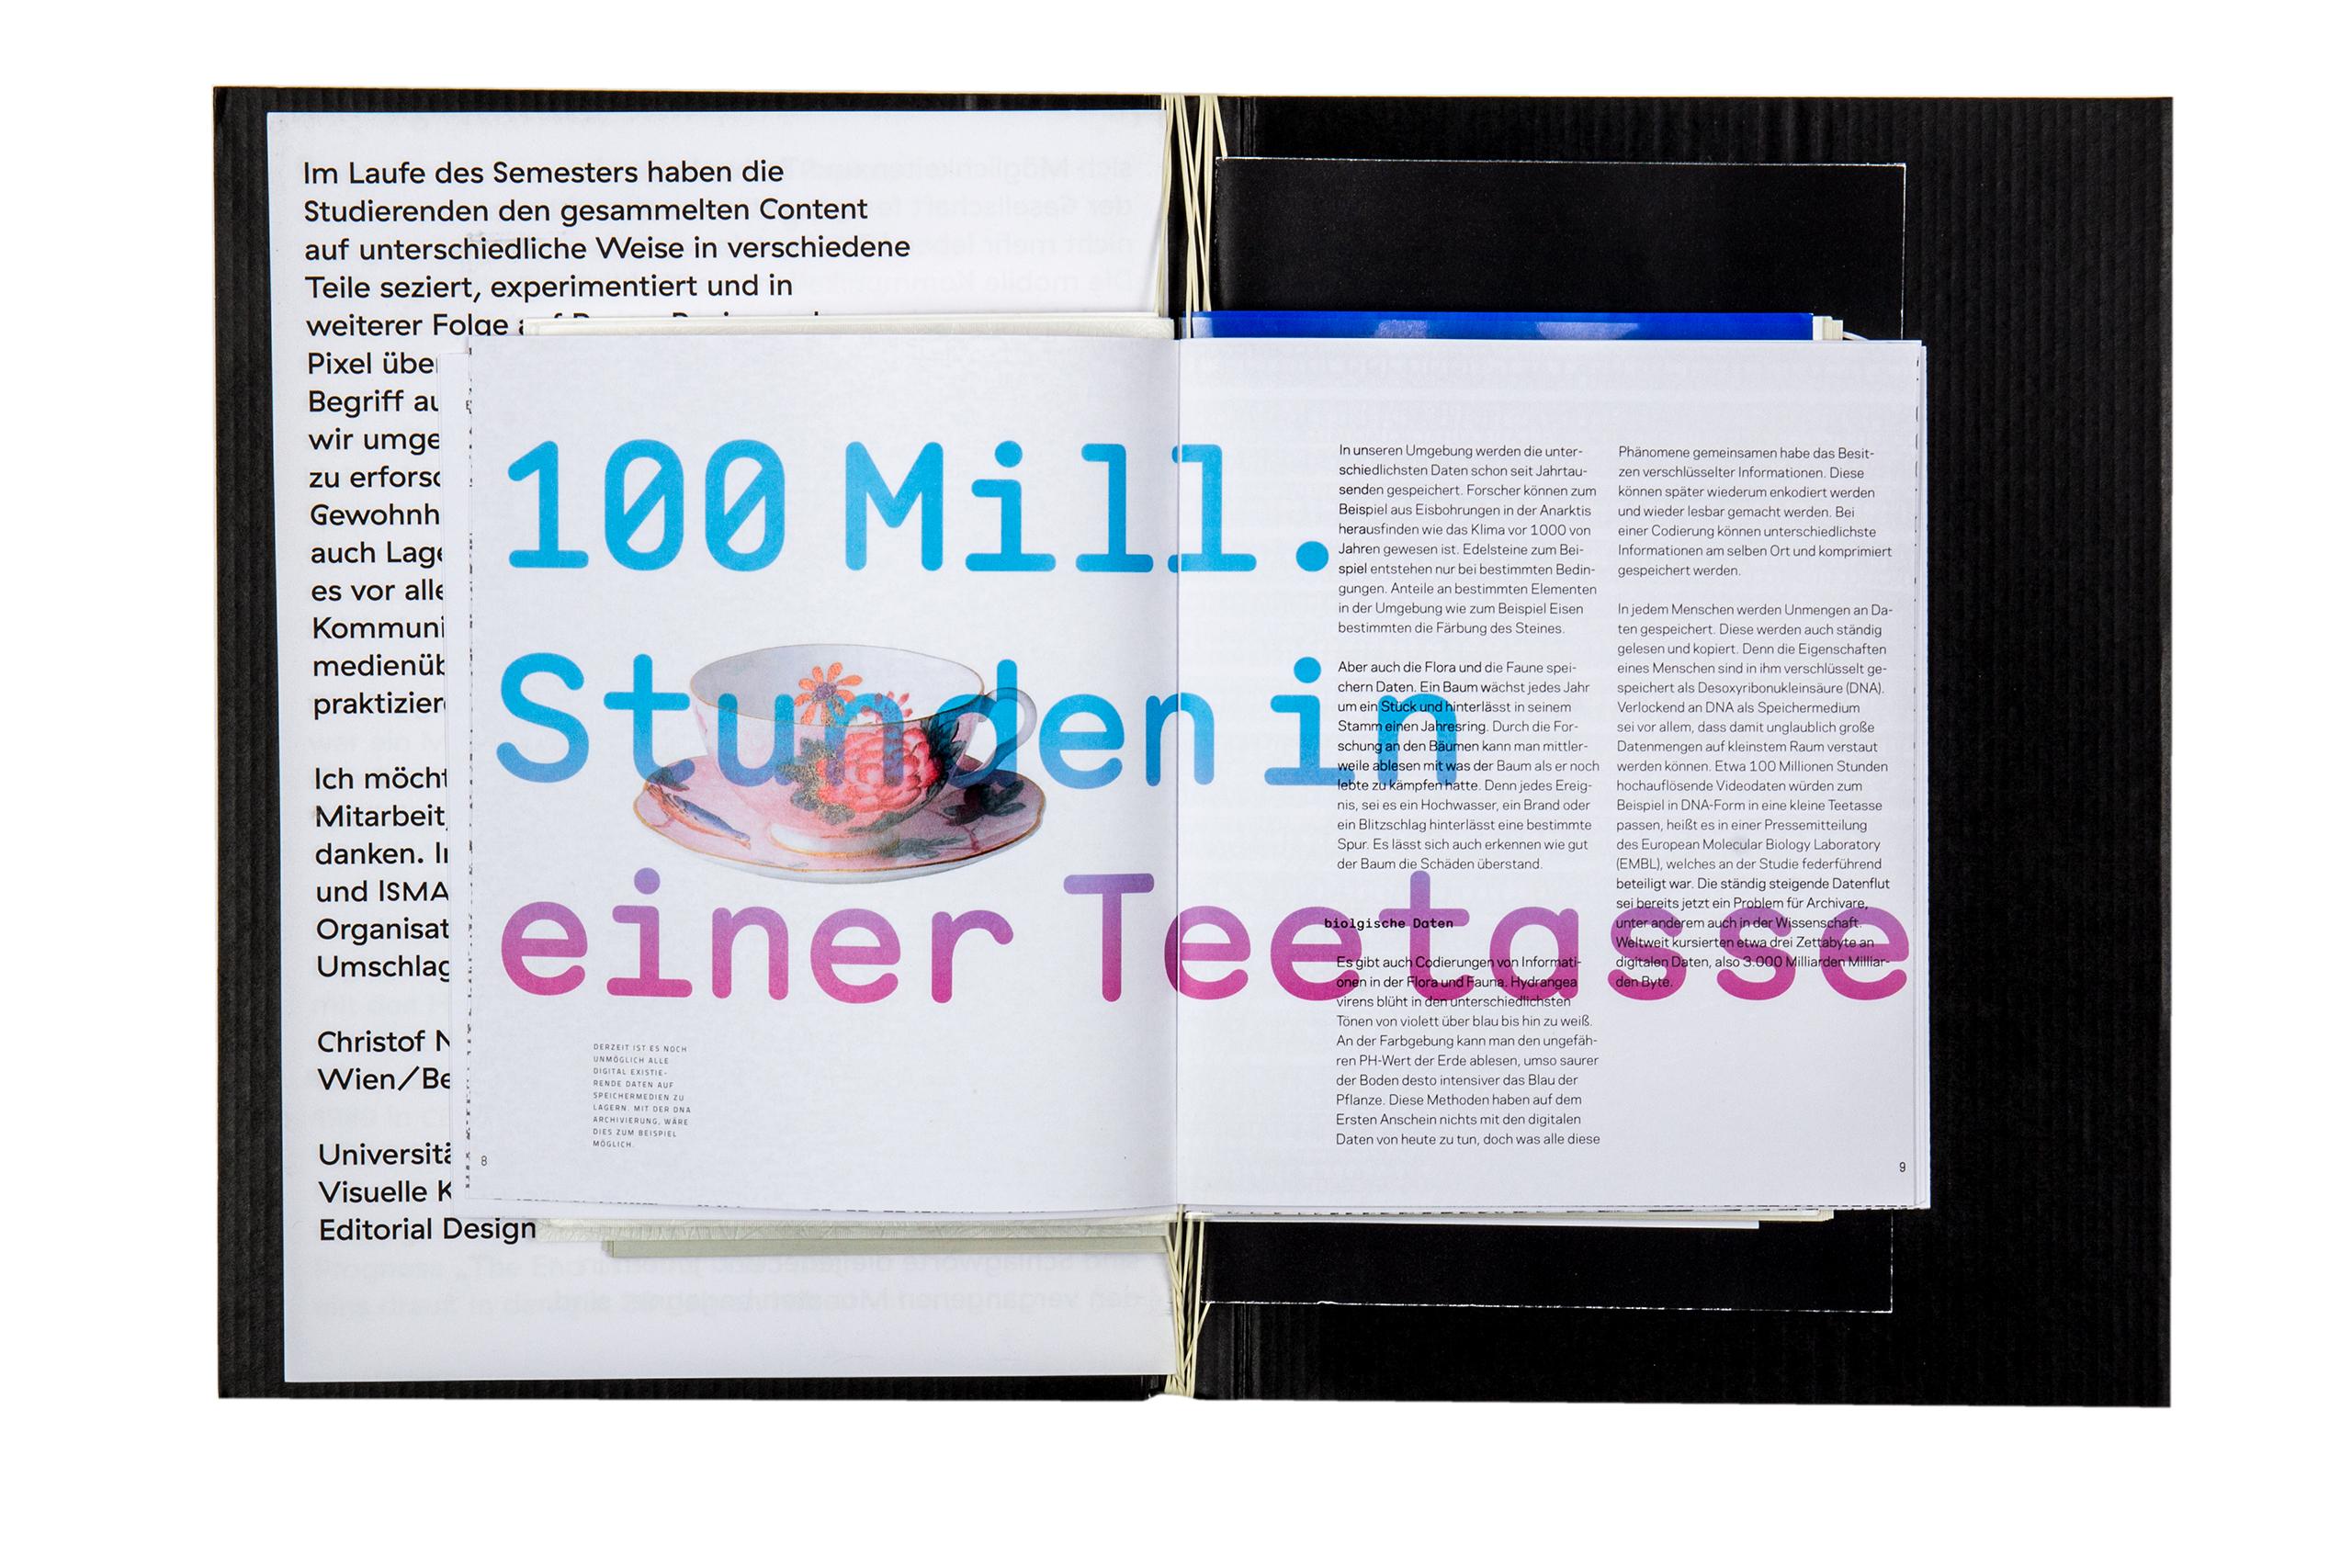 Buchgestaltung Book design Editorial Design Die Zukunft der Speichermedien Datensicherung mixed media installation Buchgestaltung Publikation Seibdruck Installation Pflanze Projektion